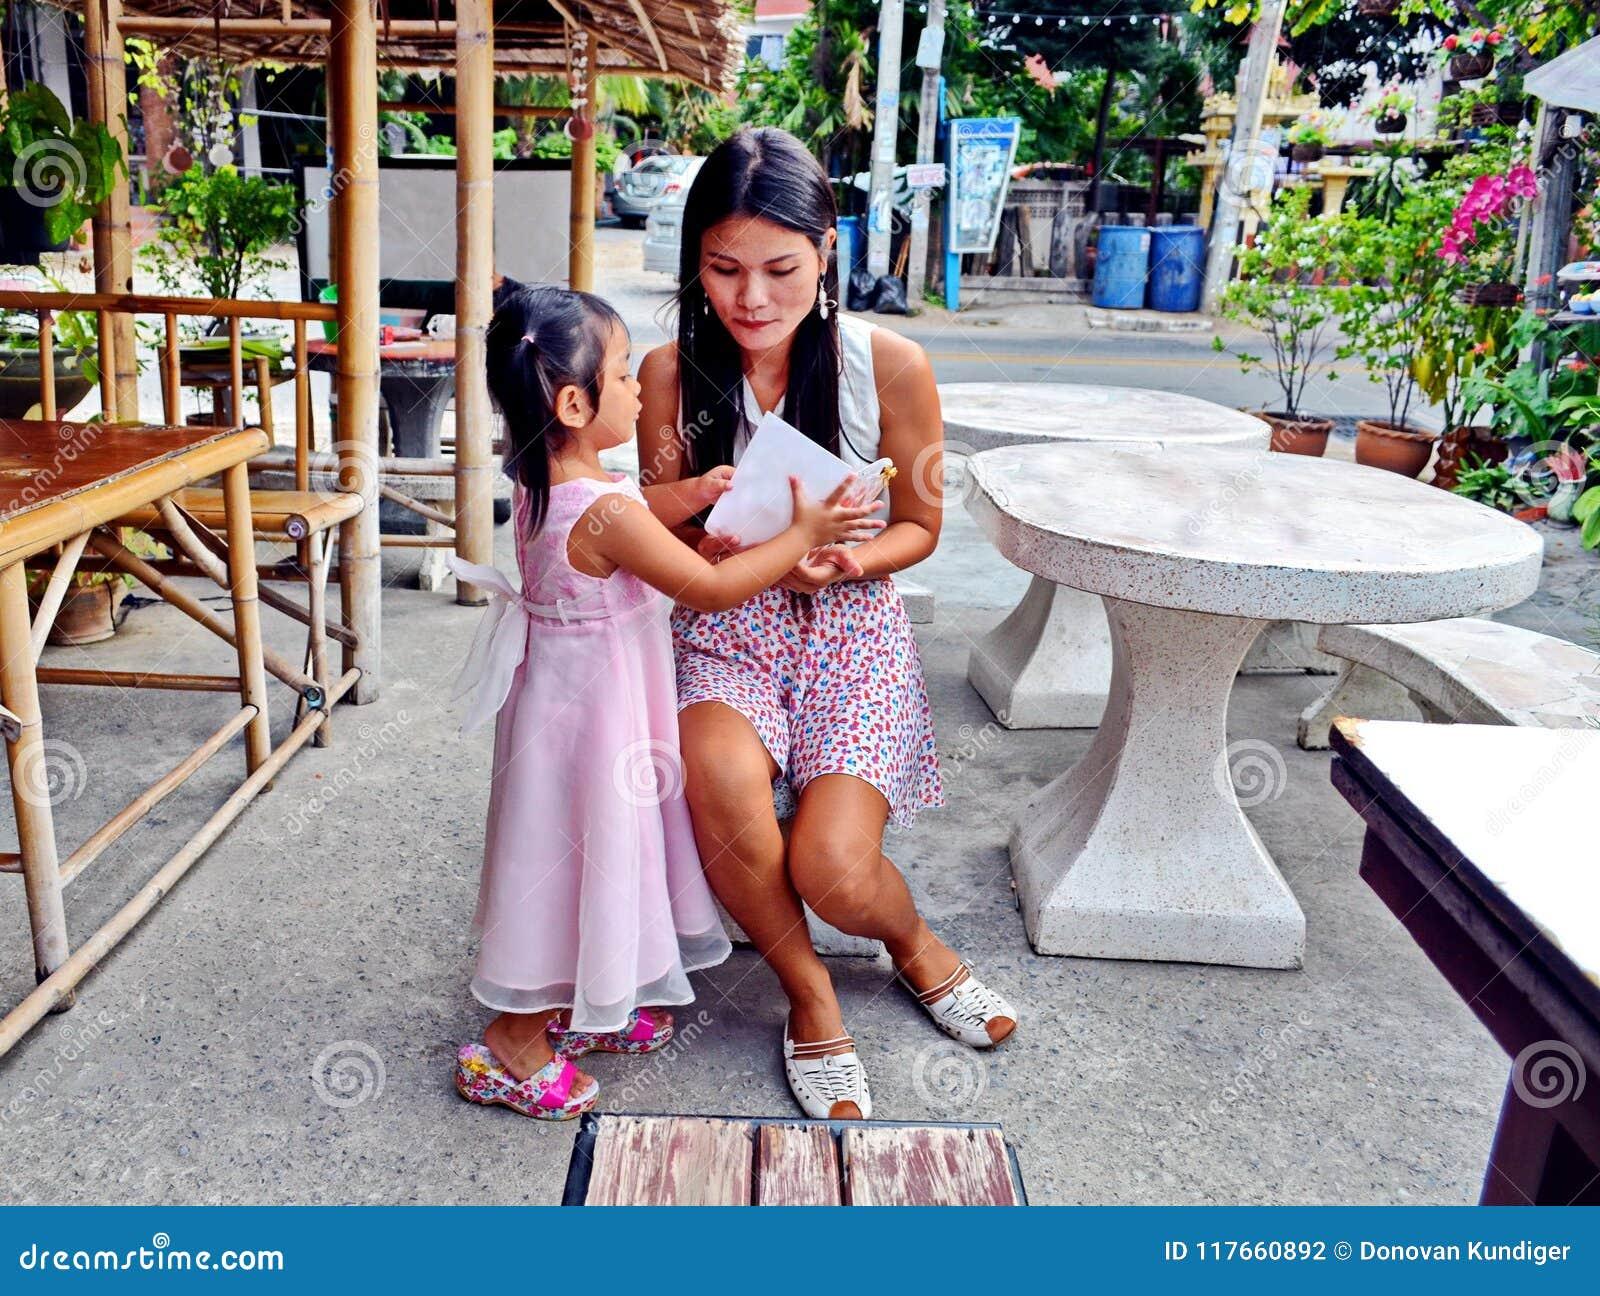 Μια αγαπώντας κόρη παρουσιάζει στη μητέρα της με μια κάρτα γενεθλίων σε ένα υπαίθριο εστιατόριο στην Ταϊλάνδη